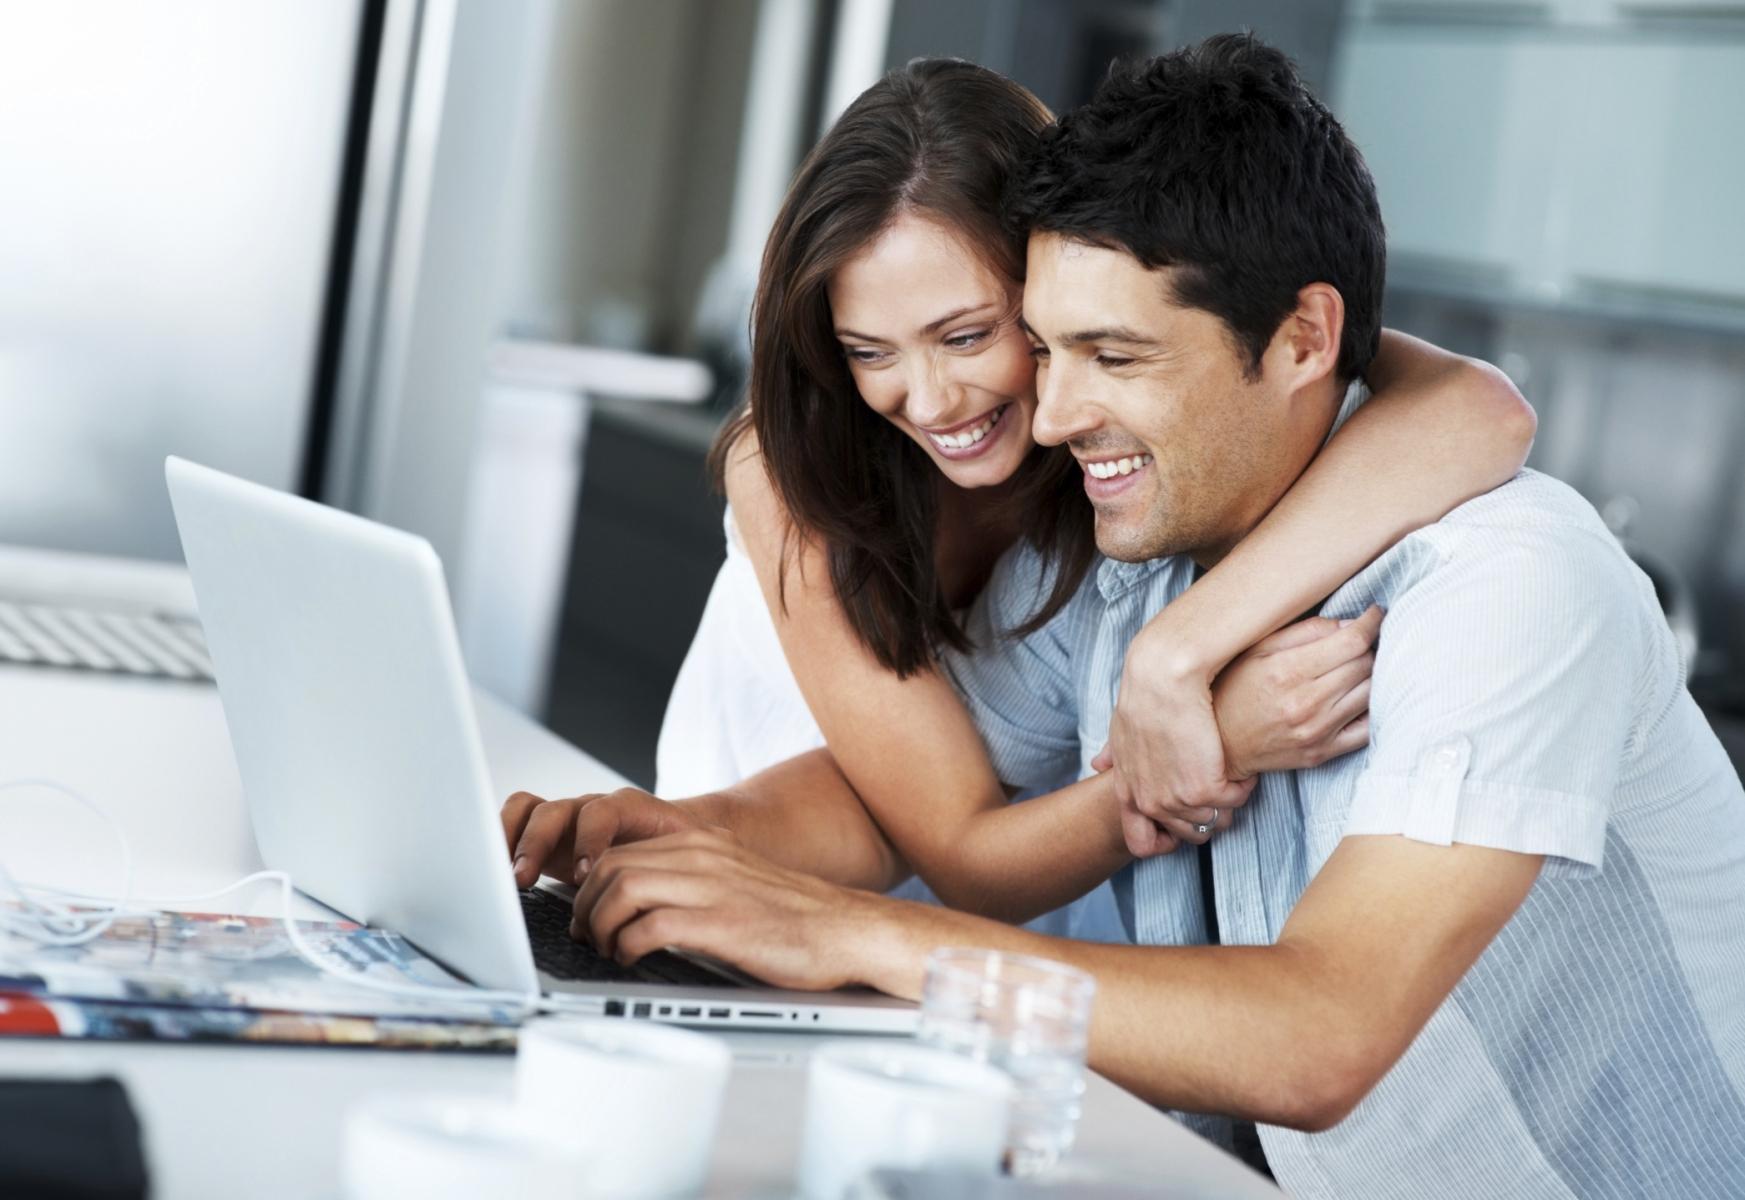 Redes sociales fortalecen relaci n de pareja salud180 - Apartamentos para parejas ...